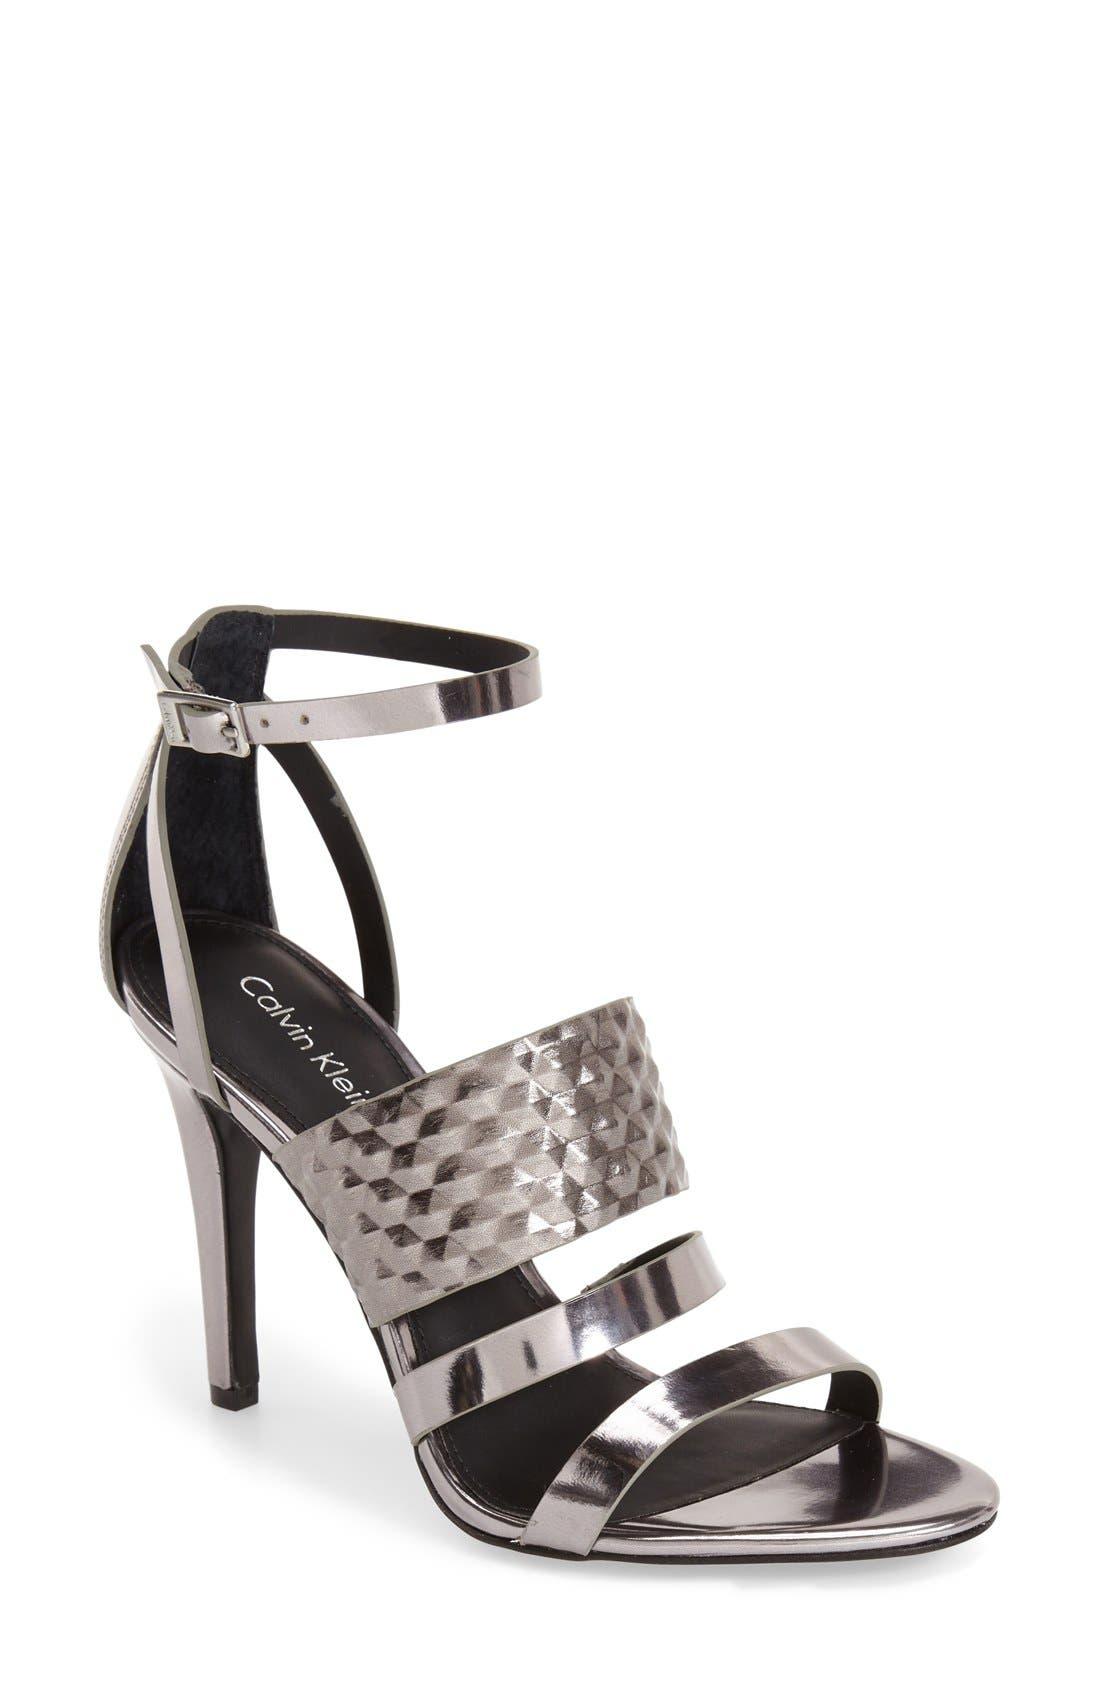 Alternate Image 1 Selected - Calvin Klein 'Mayra' Cage Sandal (Women)